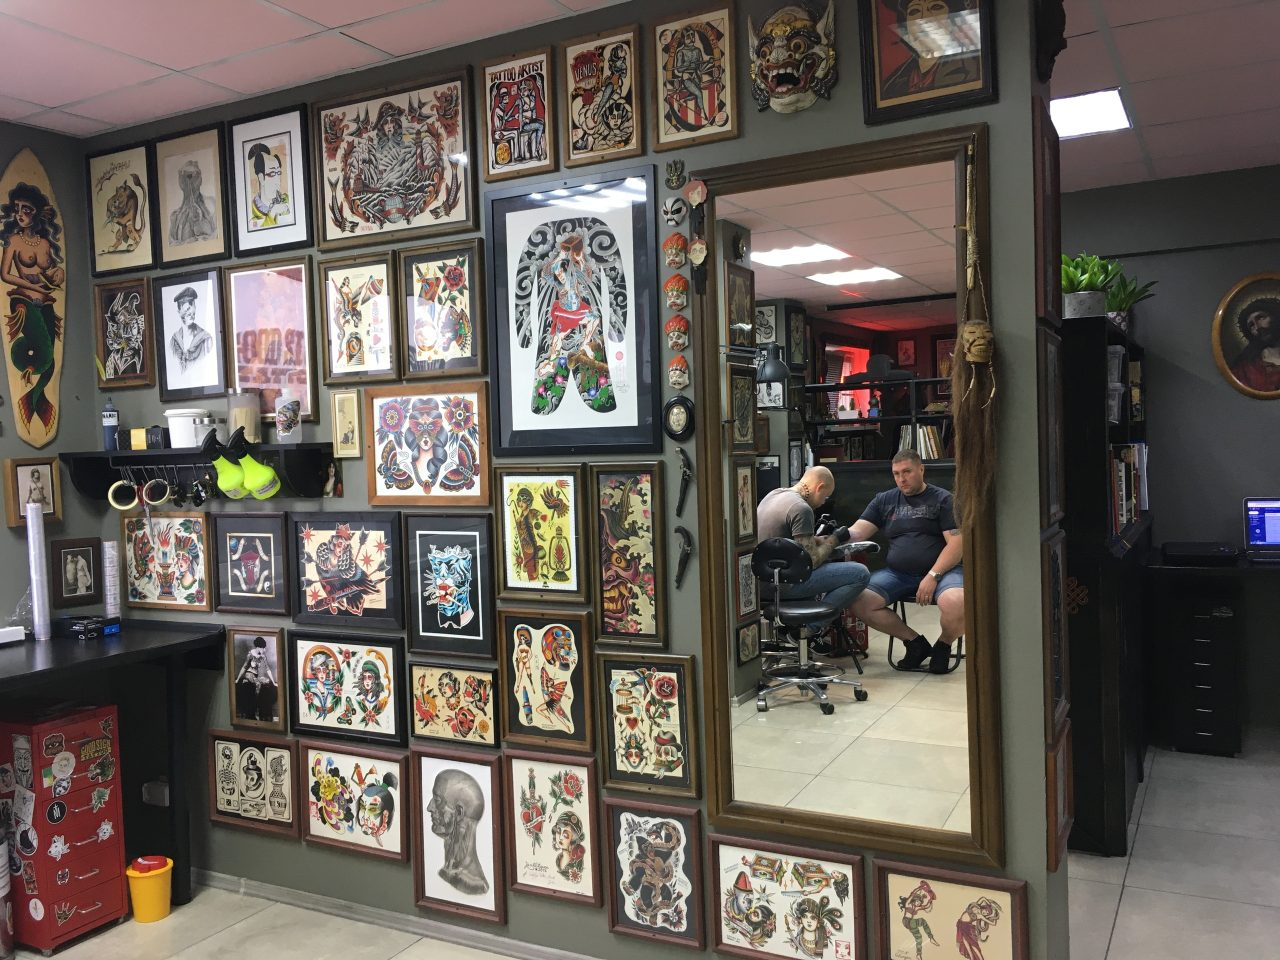 Забивай меня скорей: тату-мастер рассказал, зачем белорусы делают татуировки 11